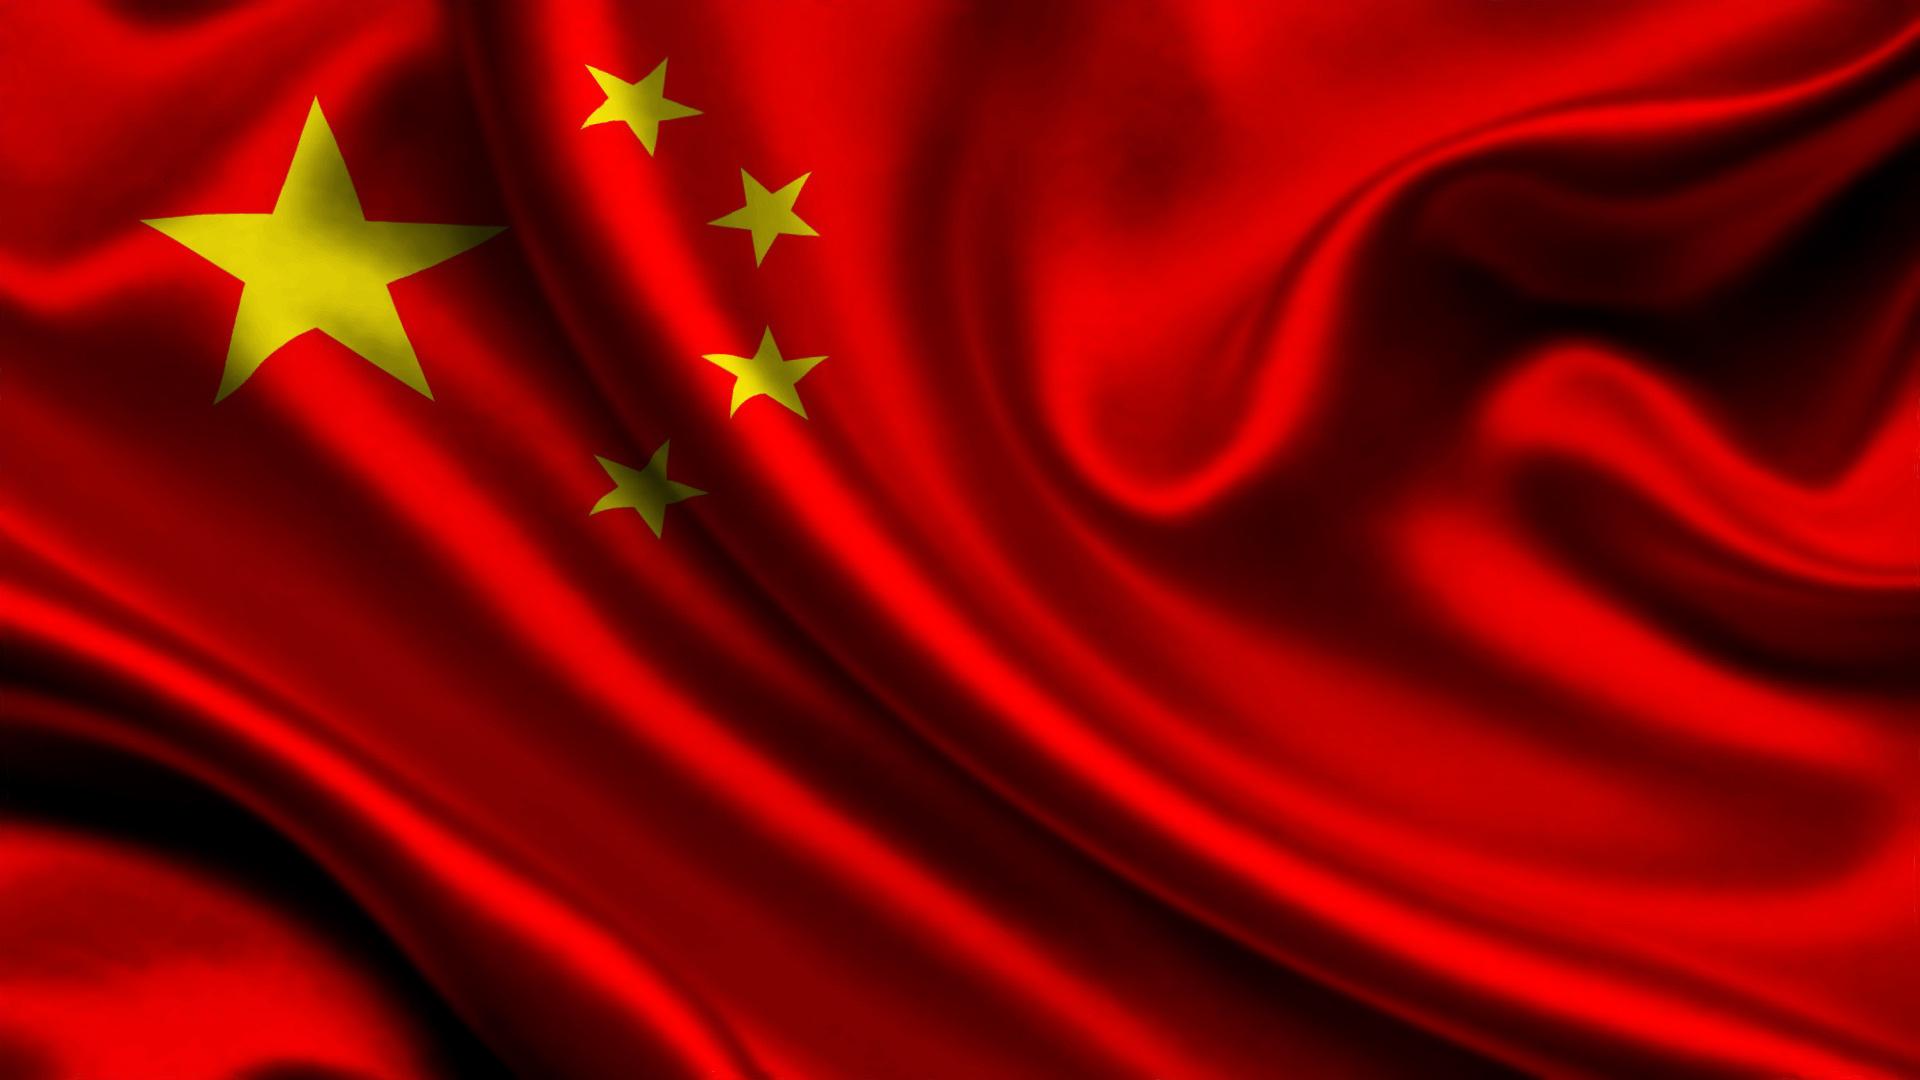 К 2016 году объем китайского рынка 3D-печати вырастет в три раза и достигнет $1,6 млрд.